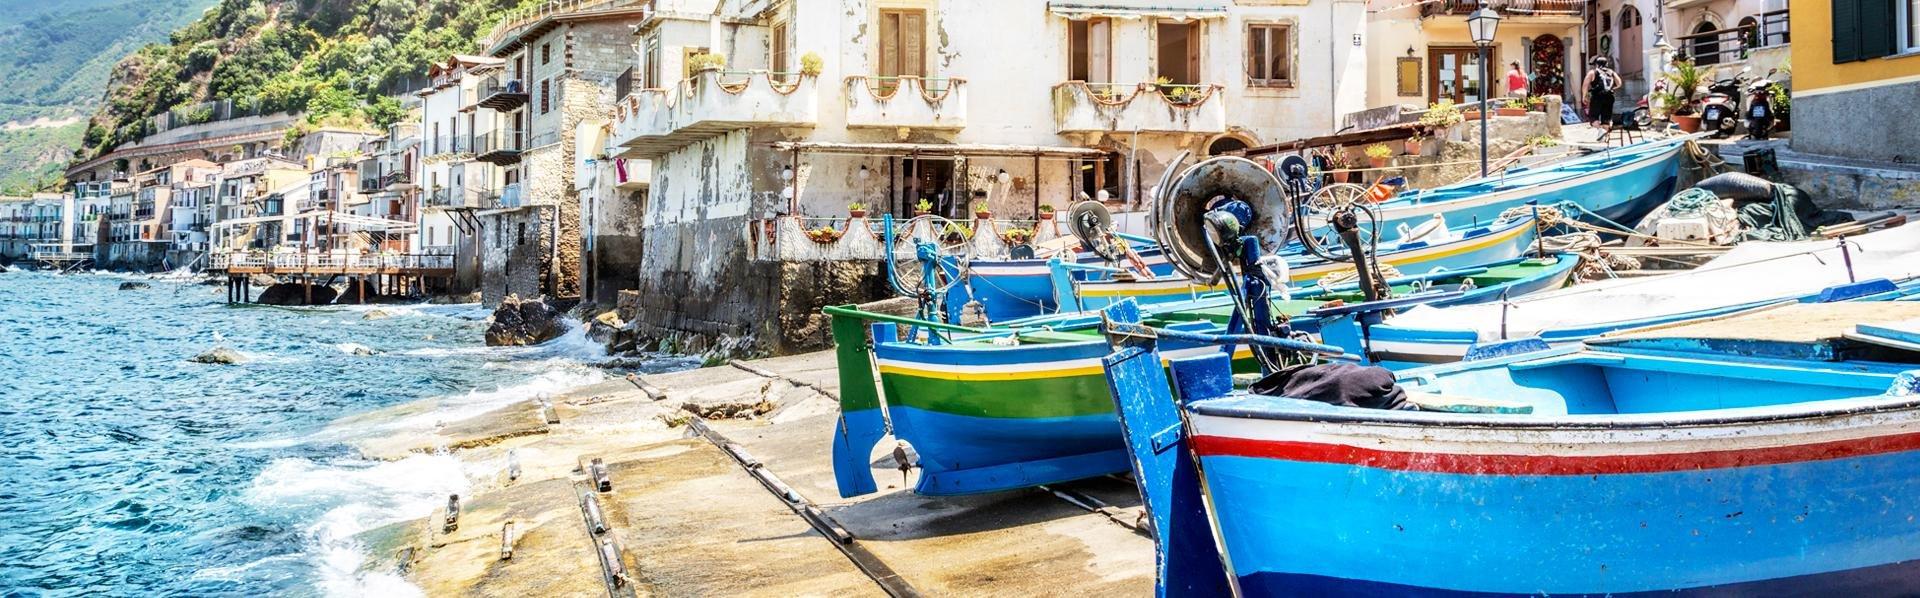 Scilla, Italië